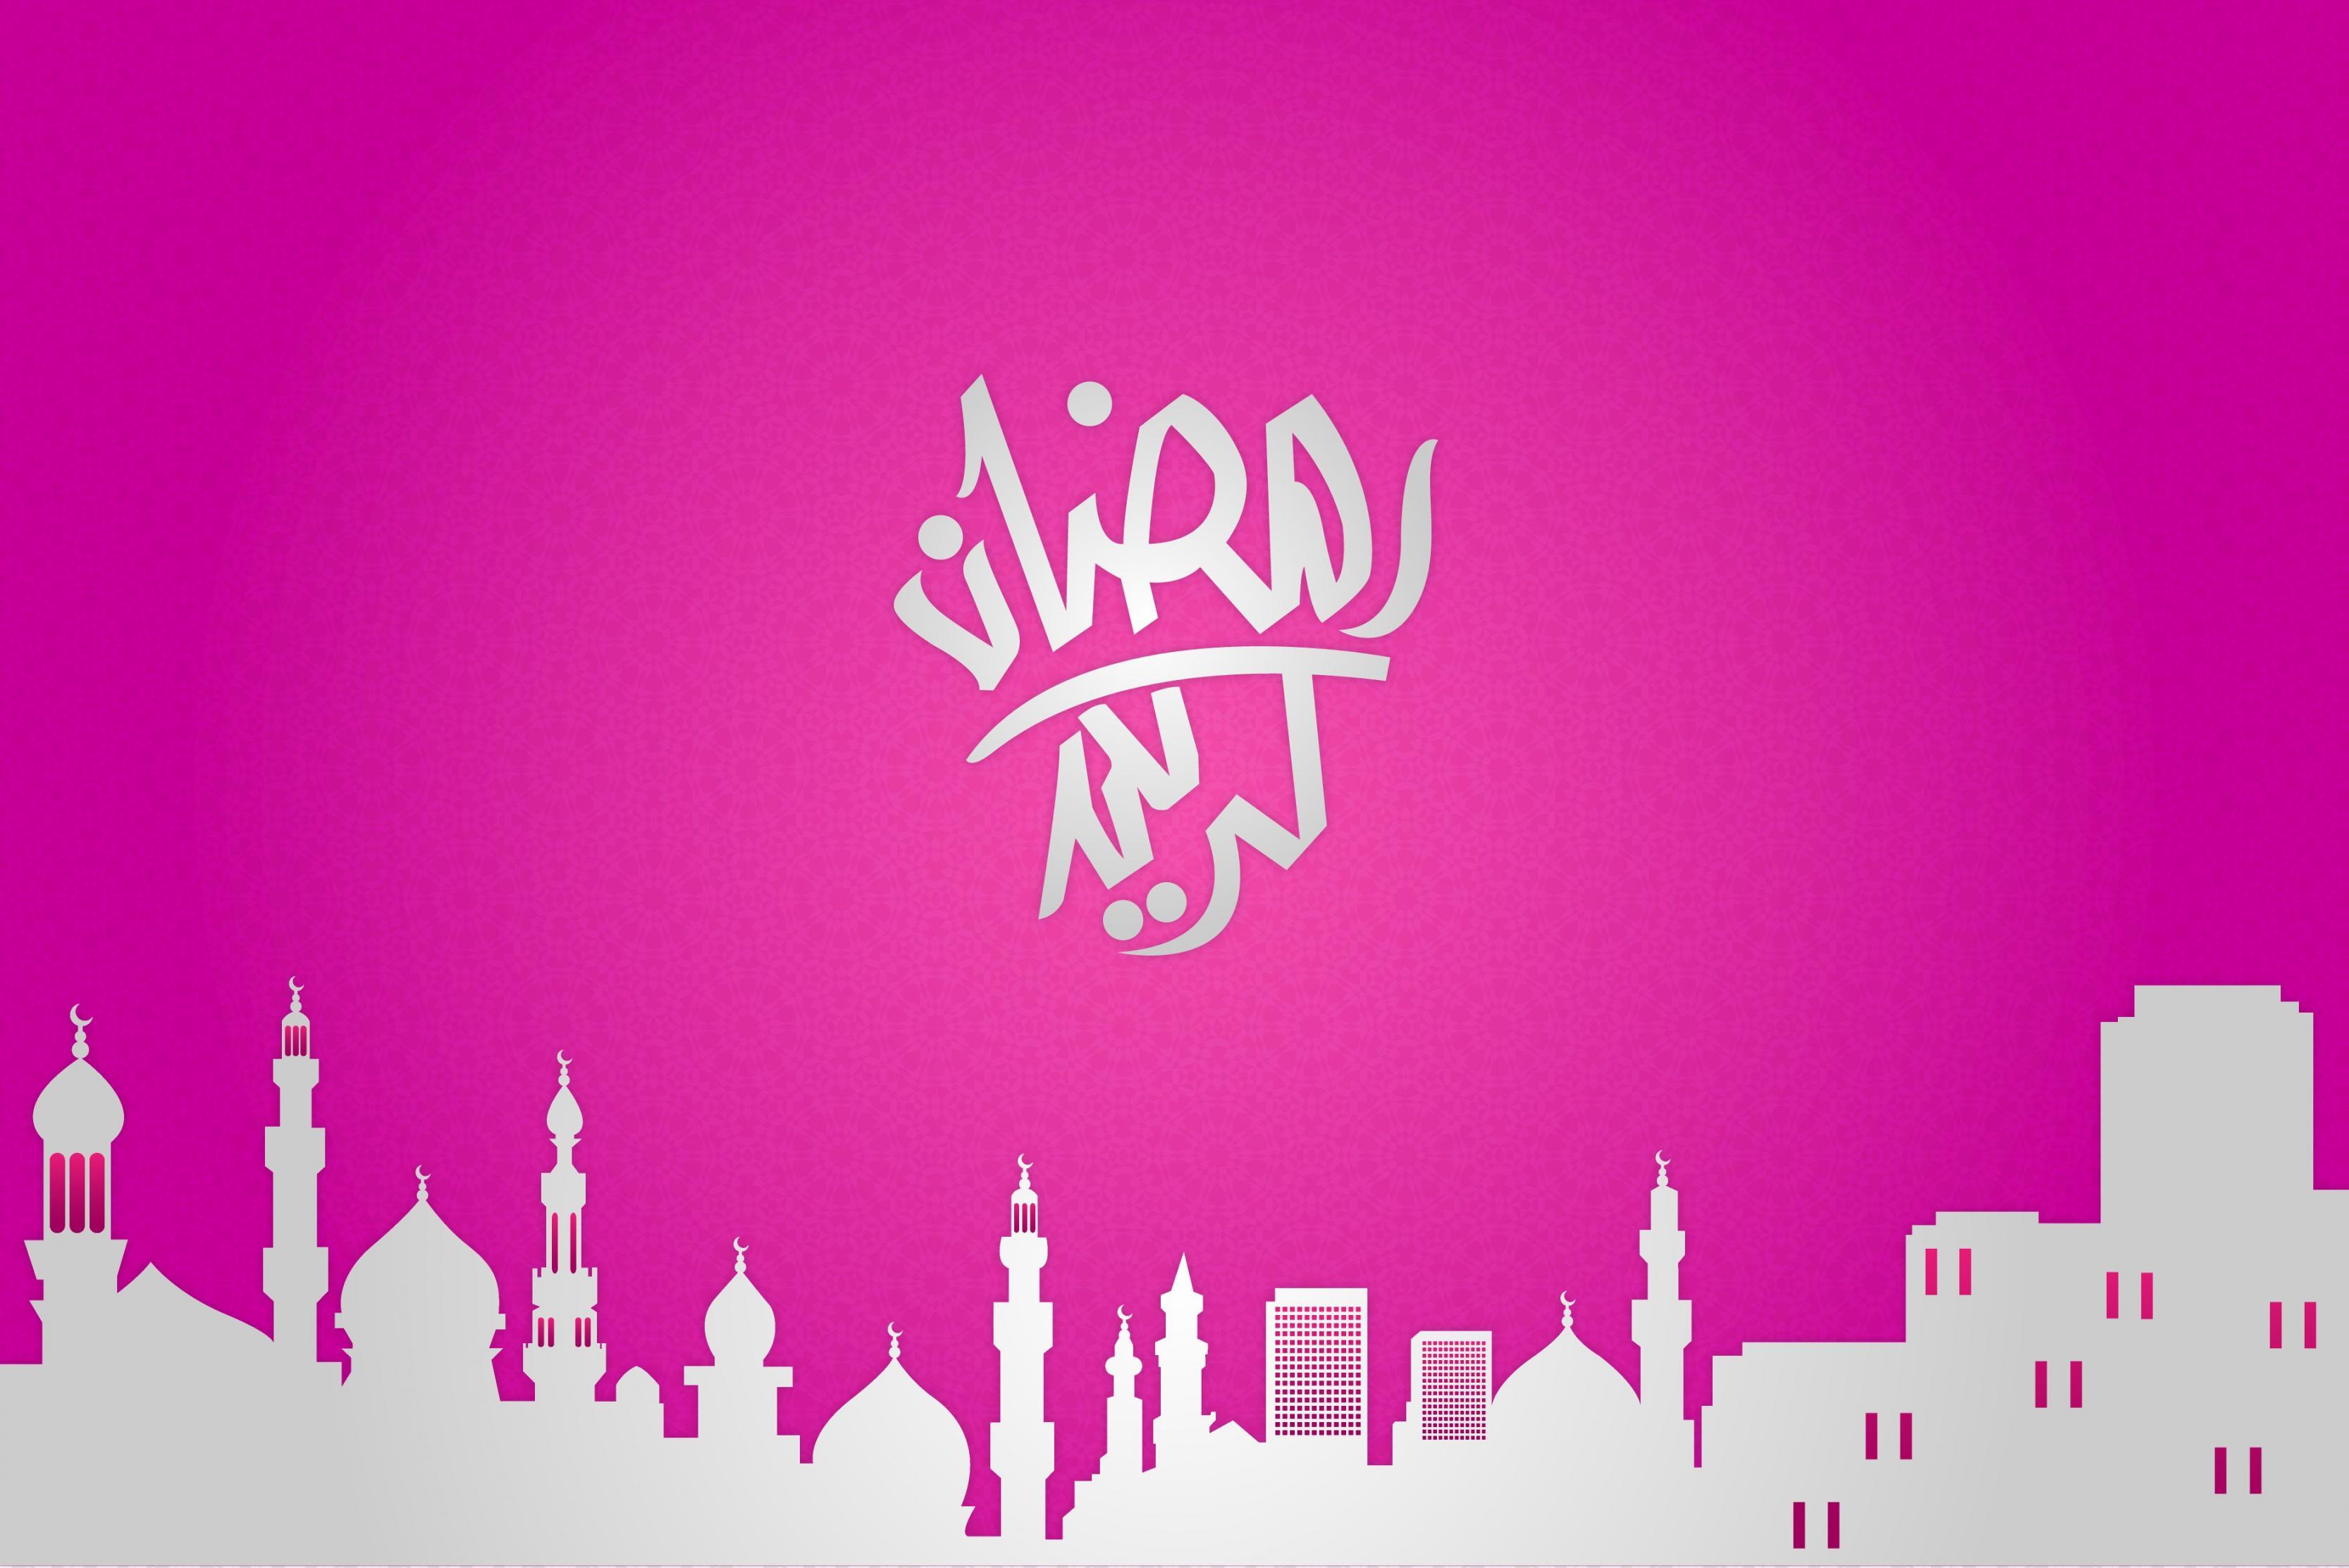 صور انشودة رمضان , اجمل انشودة رمضانية رائعة